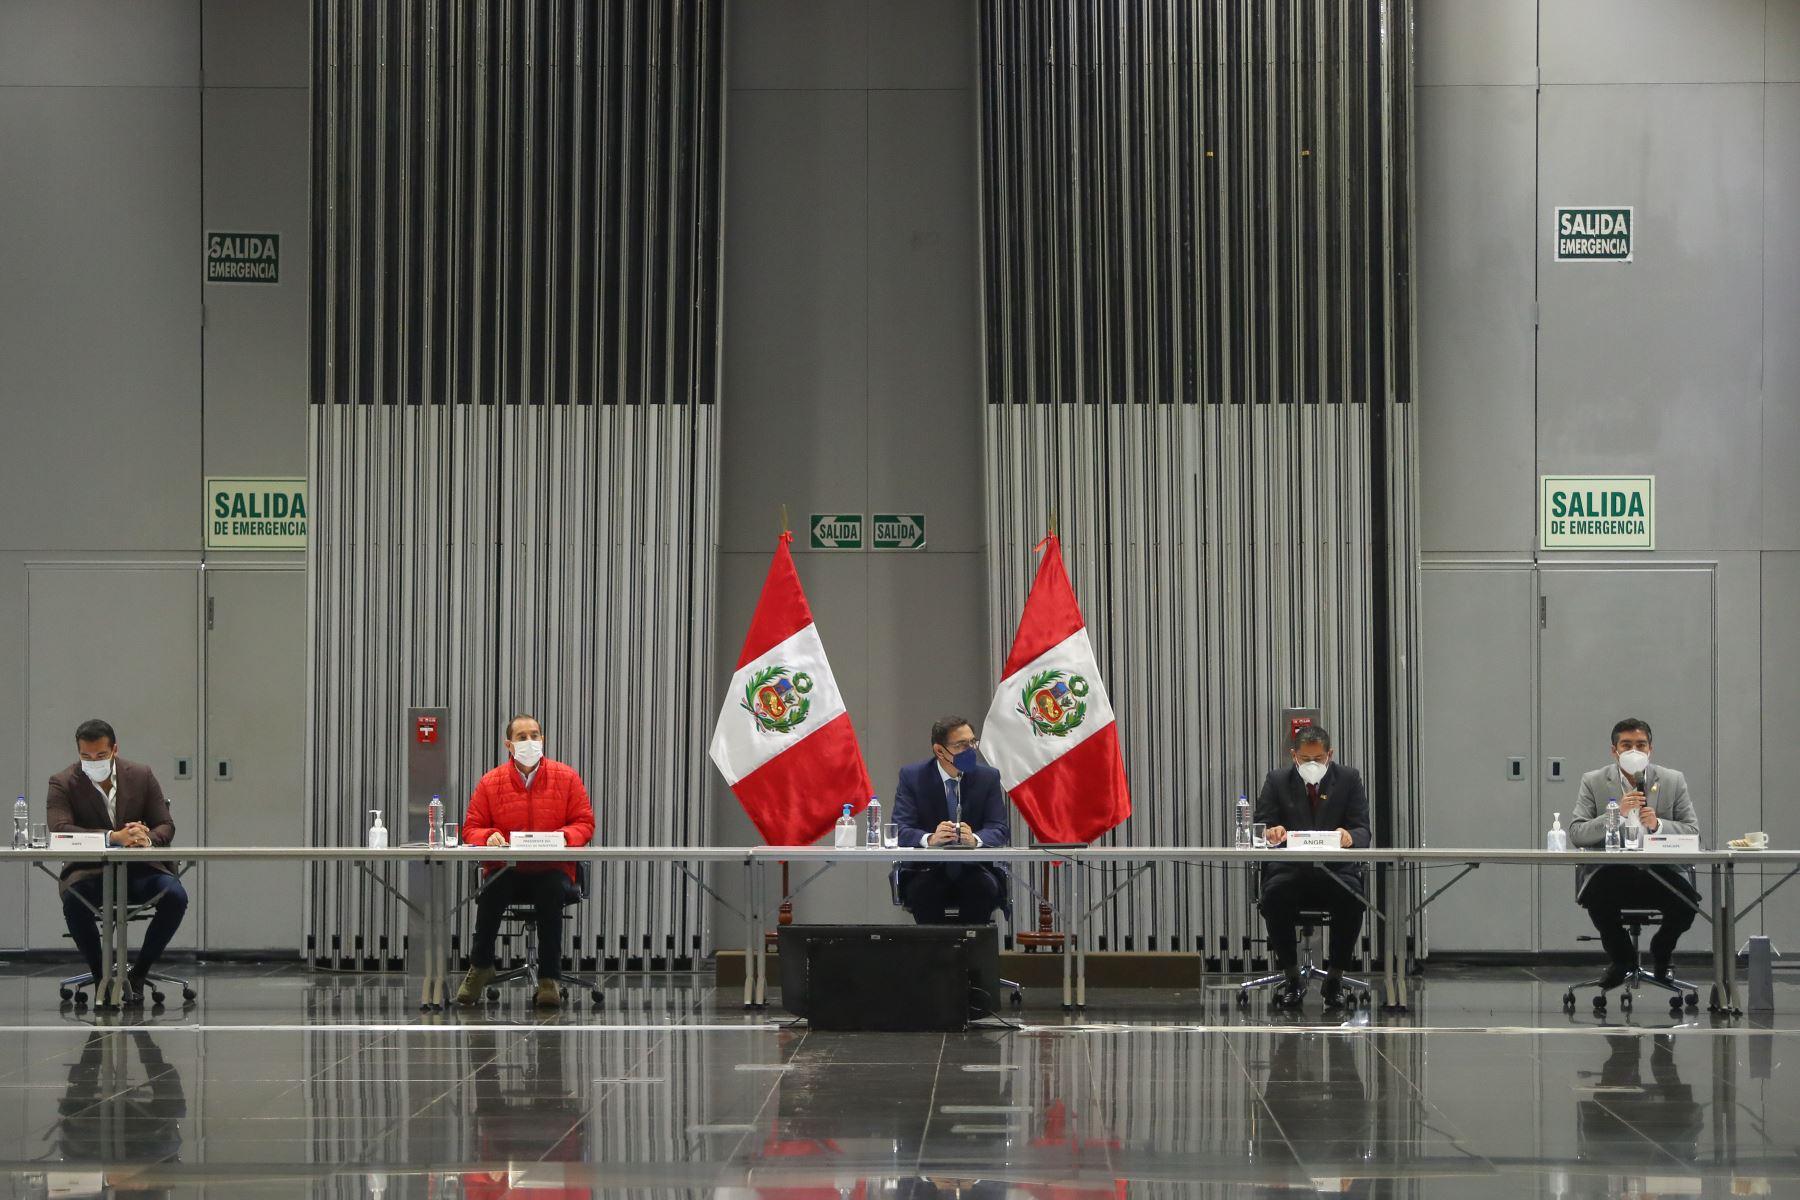 El presidente de la República, Martín Vizcarra, en el marco del Consejo de Ministros, sostiene una reunión con los representantes de la Asociación de Municipalidades del Perú(Ampe), de la Red de Municipalidades Urbanas y Rurales del Perú (Remurpe) y con gobernadores regionales de la Asamblea Nacional de Gobiernos Regionales (ANGR). Foto: ANDINA/Prensa Presidencia